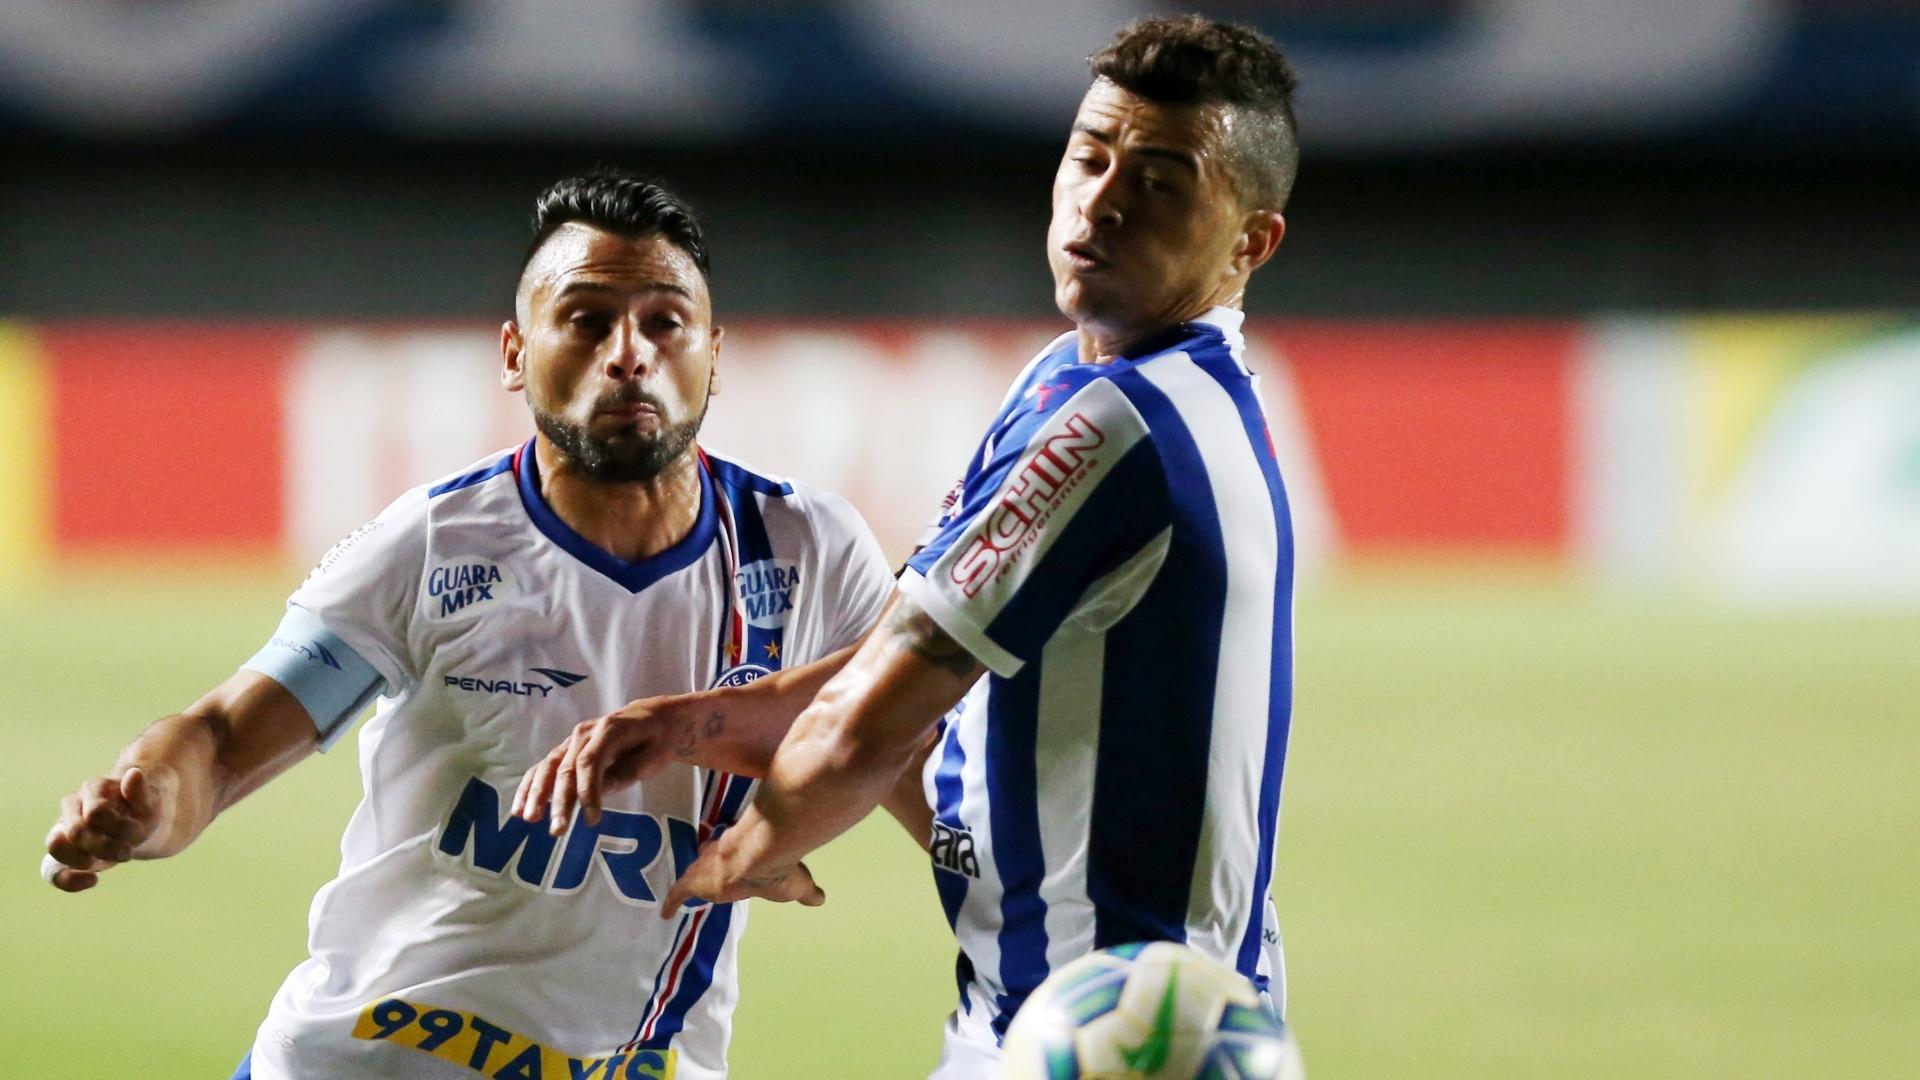 Maxi Biancucchi, do Bahia, em ação durante a partida contra o Paysandu, na terceira fase da Copa do Brasil